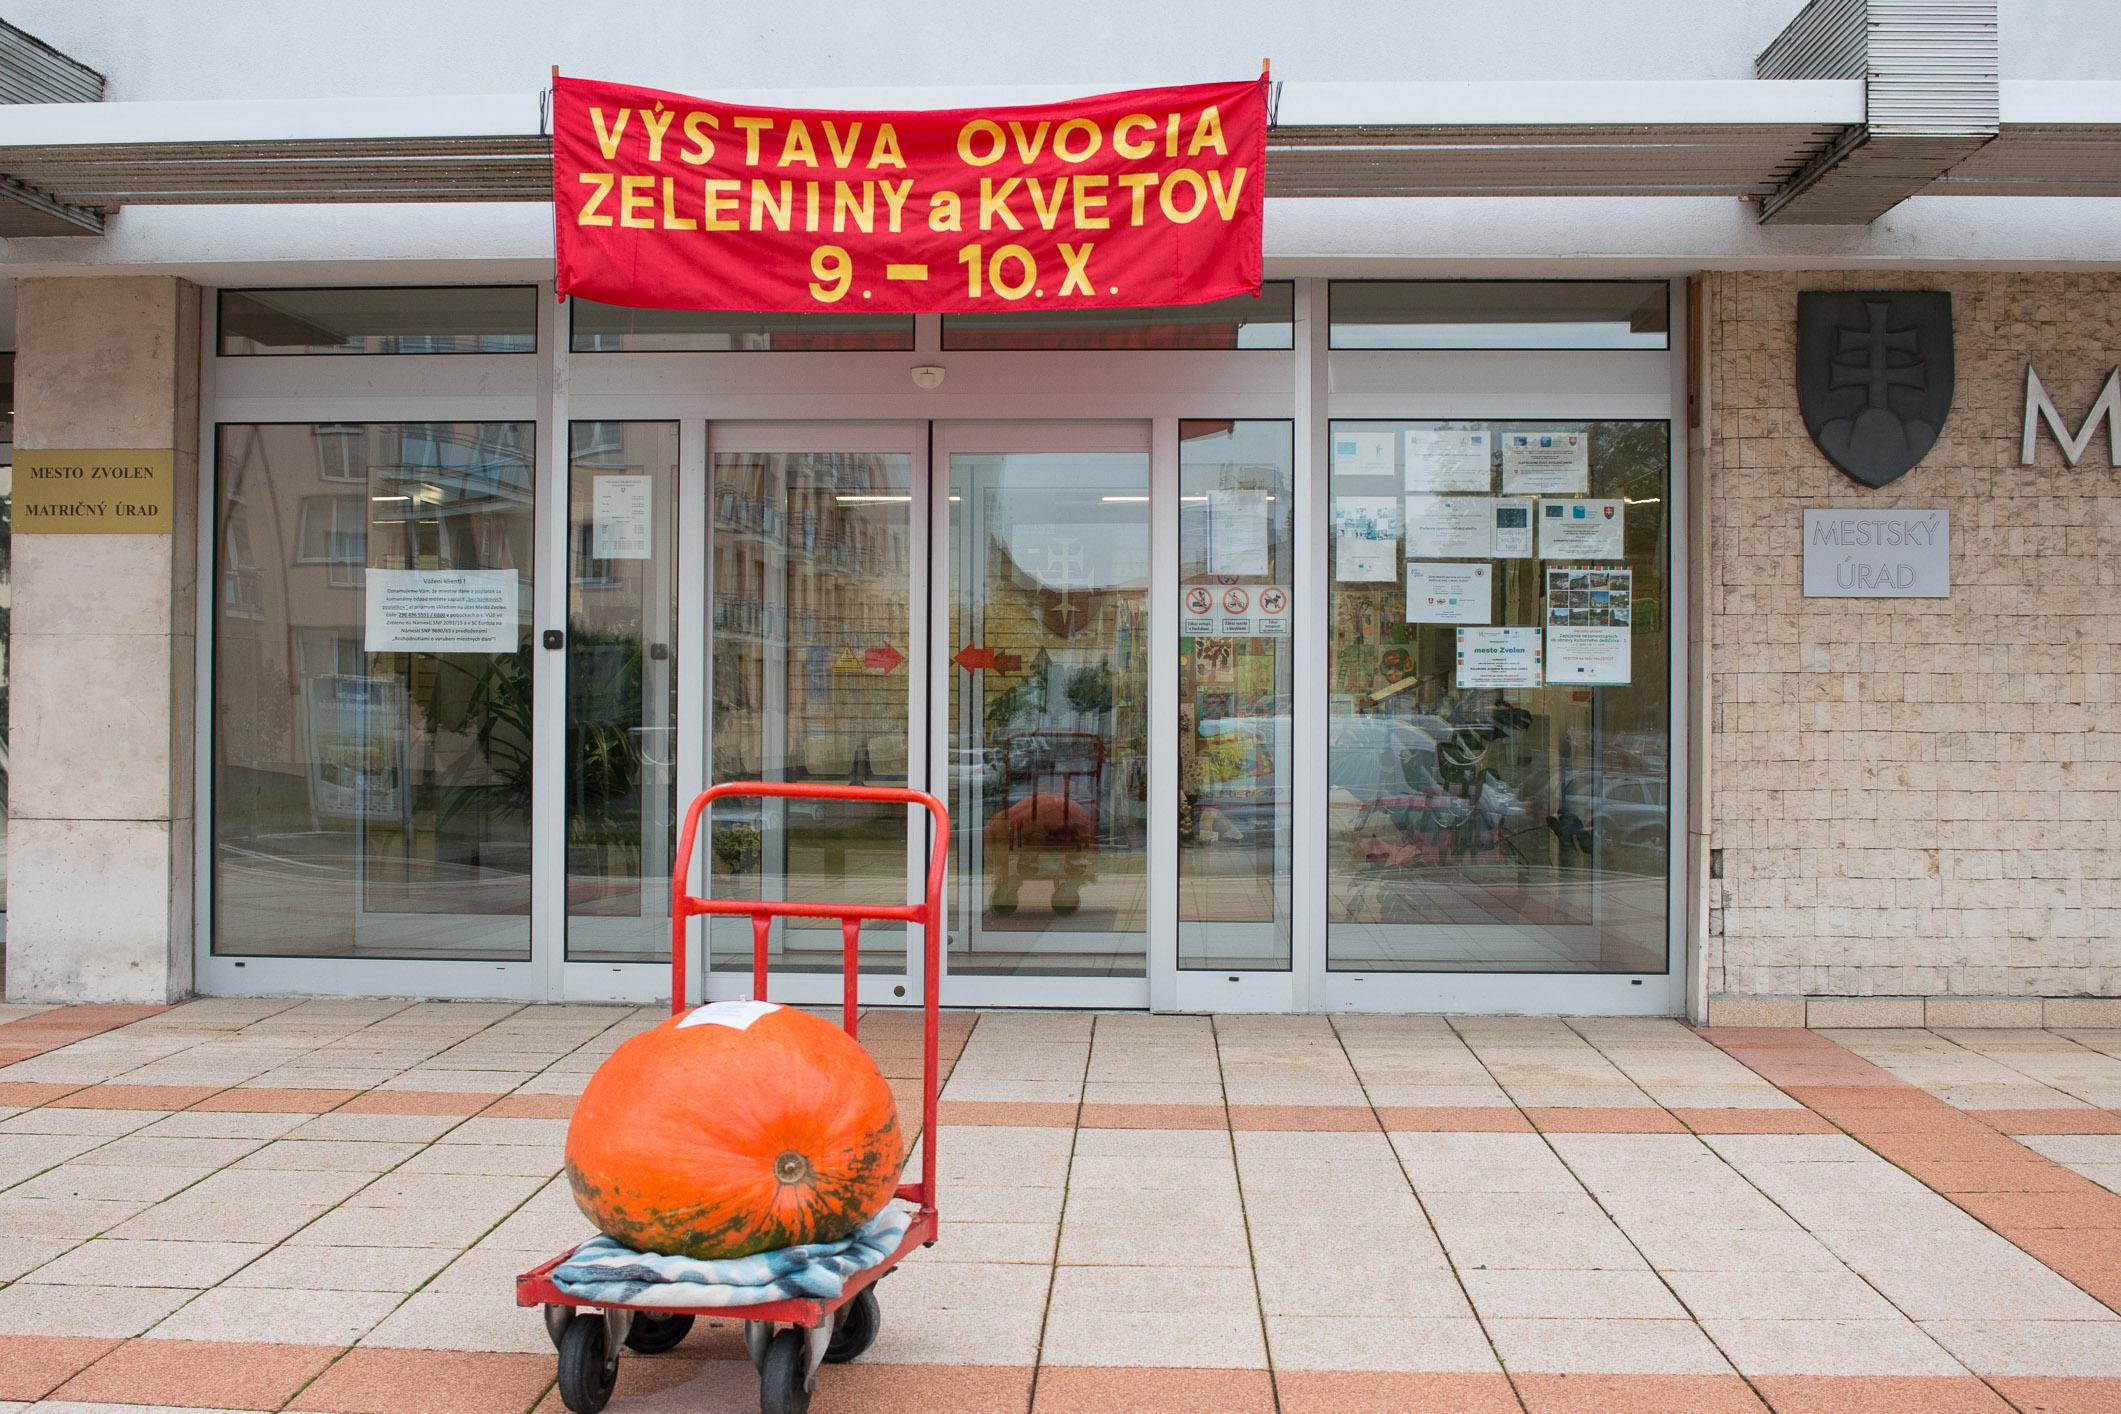 vystava-ovocia-zeleniny-2015-zvolen